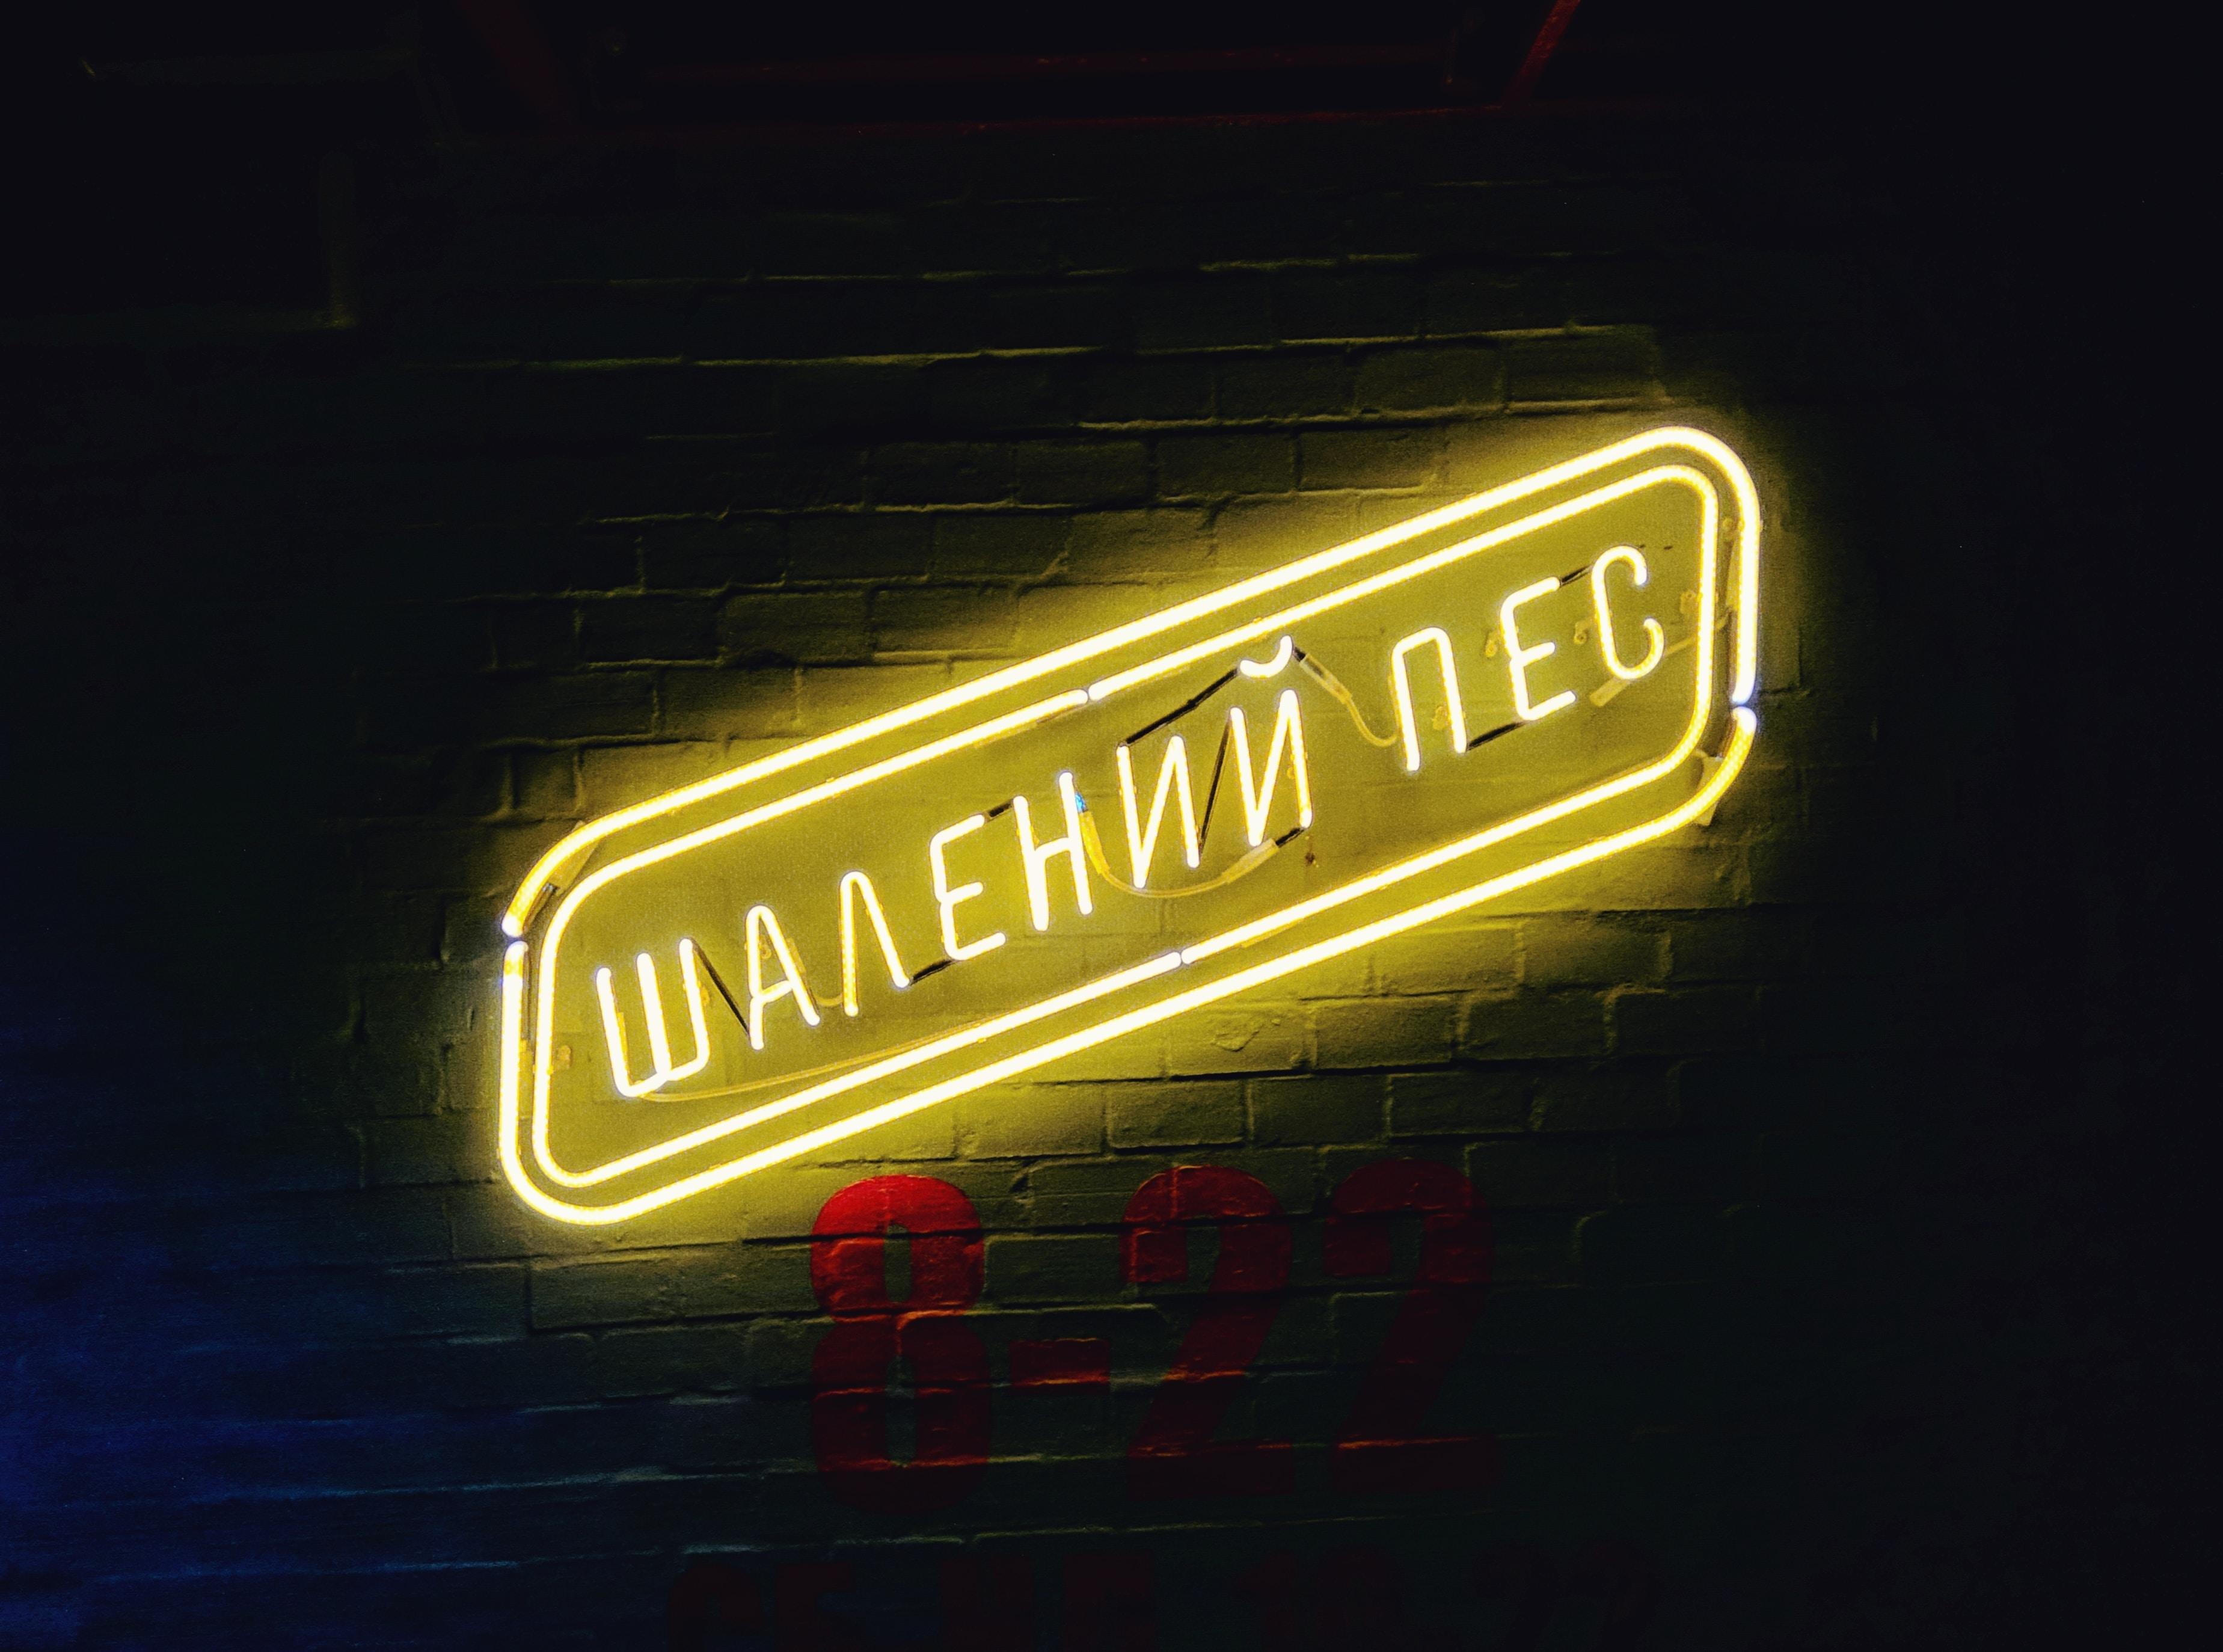 yellow Waaehann nec neon-light signage